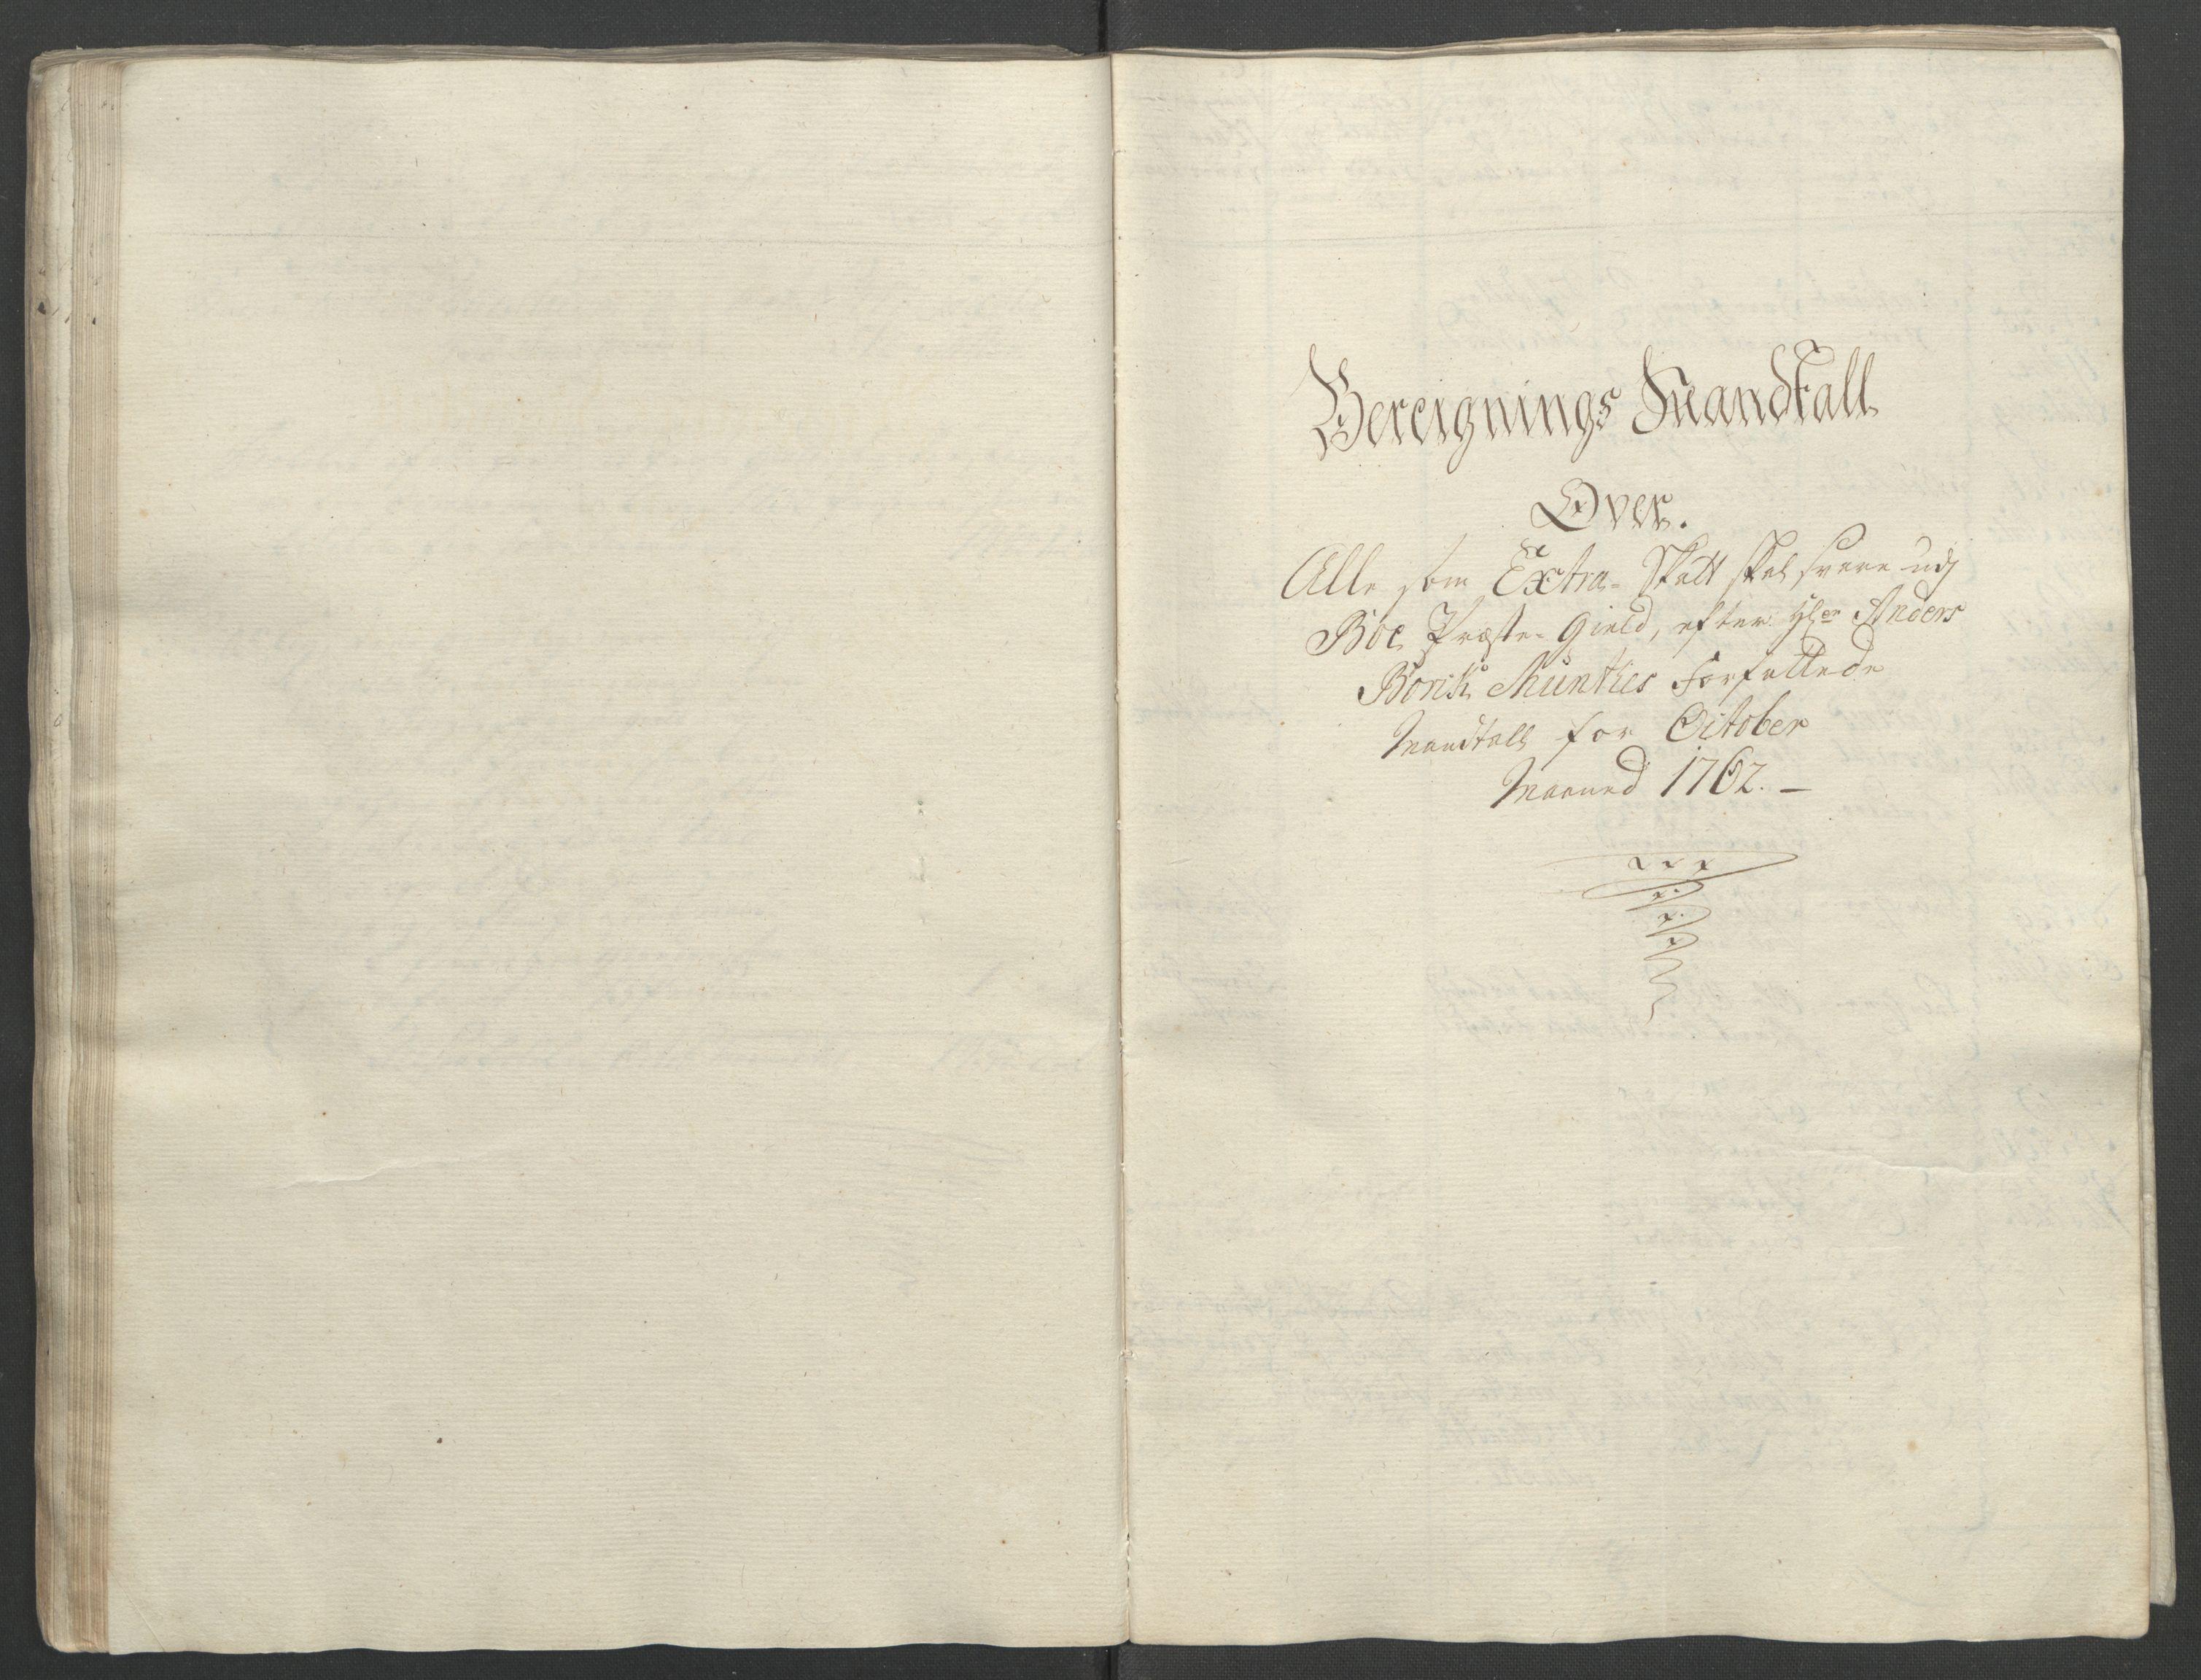 RA, Rentekammeret inntil 1814, Reviderte regnskaper, Fogderegnskap, R55/L3730: Ekstraskatten Romsdal, 1762-1763, s. 110